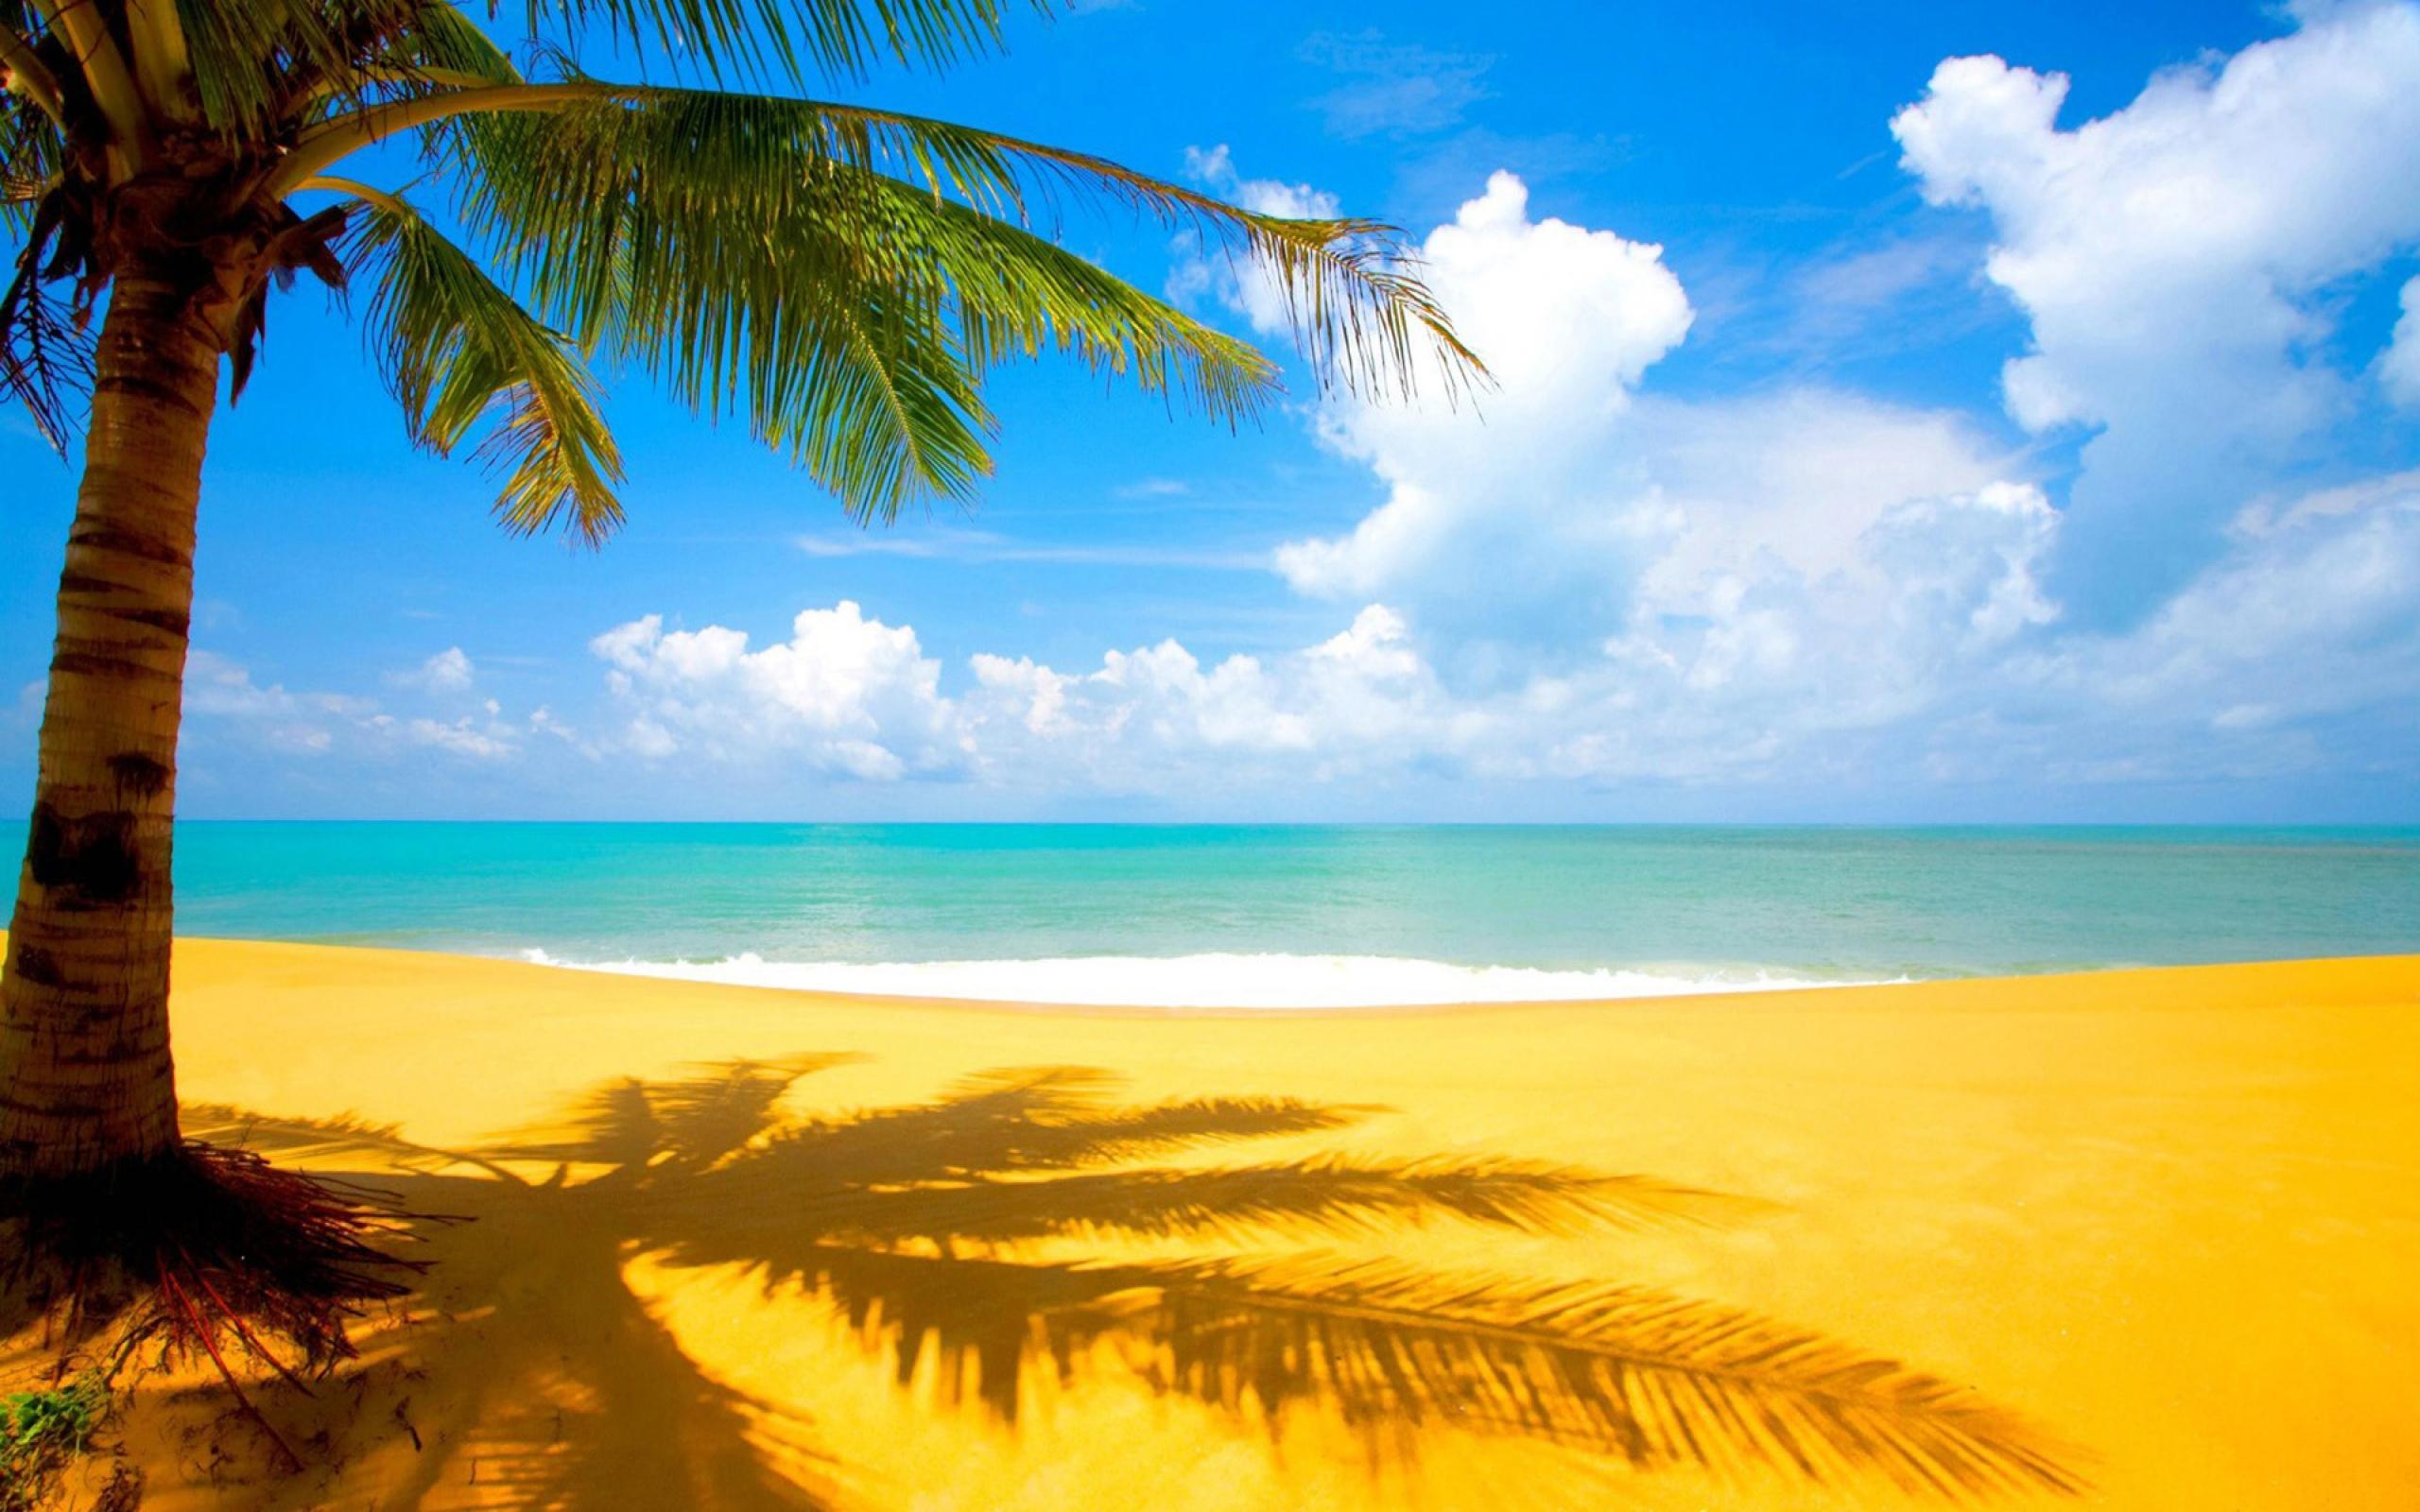 природа песок пляж дома море пальмы  № 3778417 загрузить